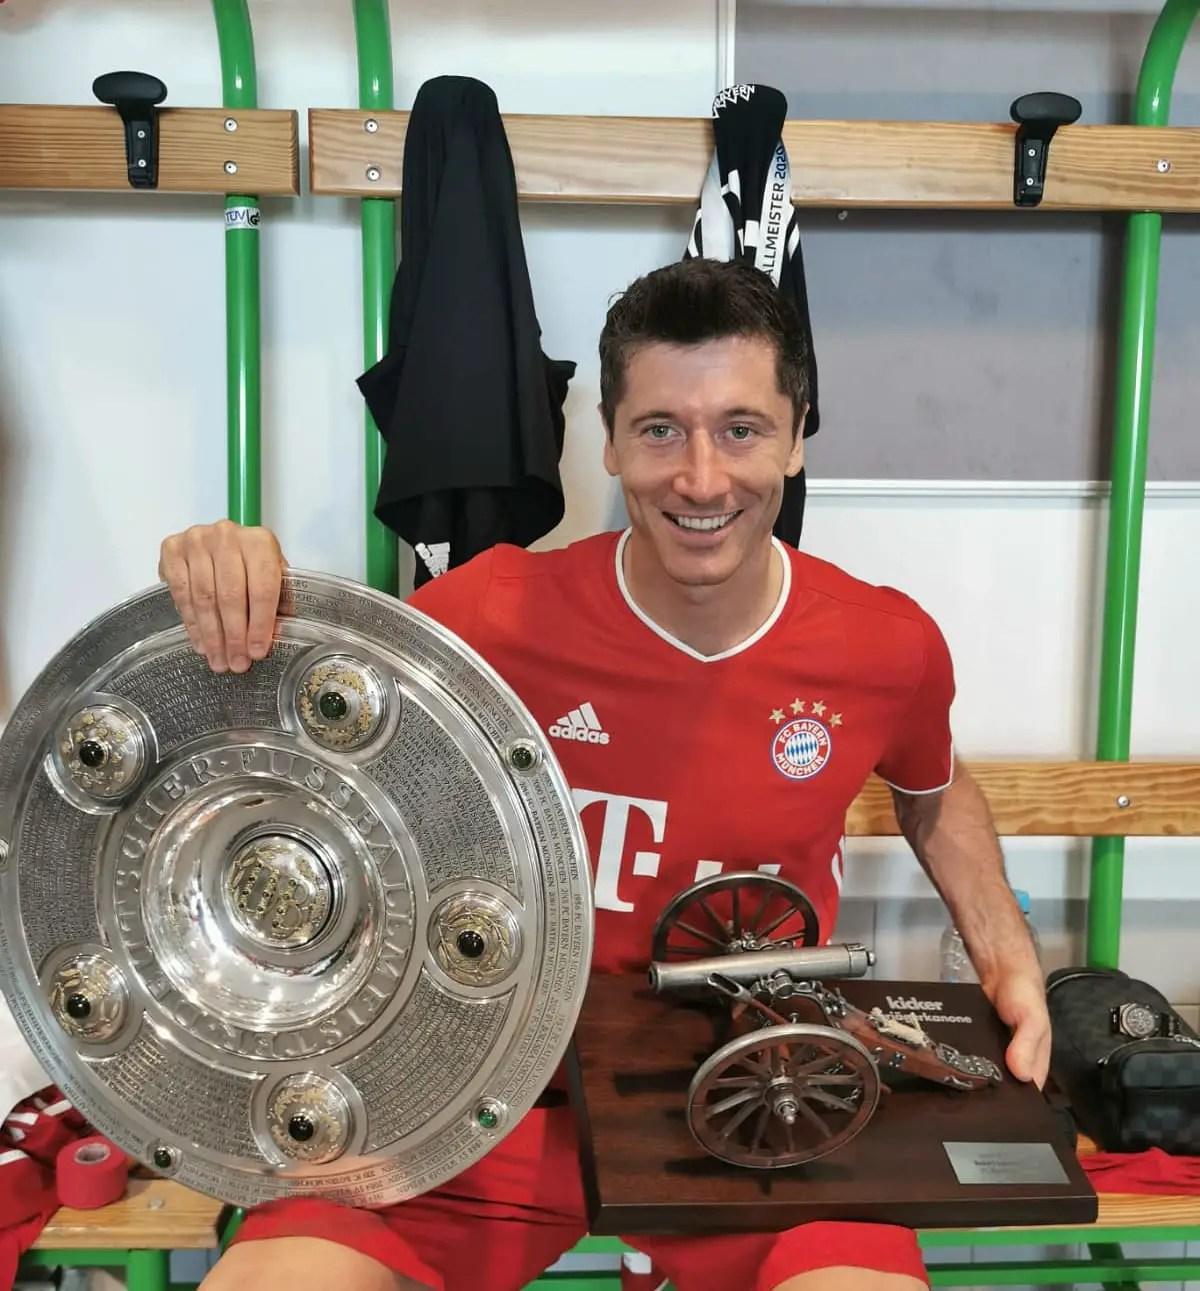 Bundesiga 2019/20 Top Scorer/MVP,  Lewandowski: 'I Want To Be Better,  Score More Goals'